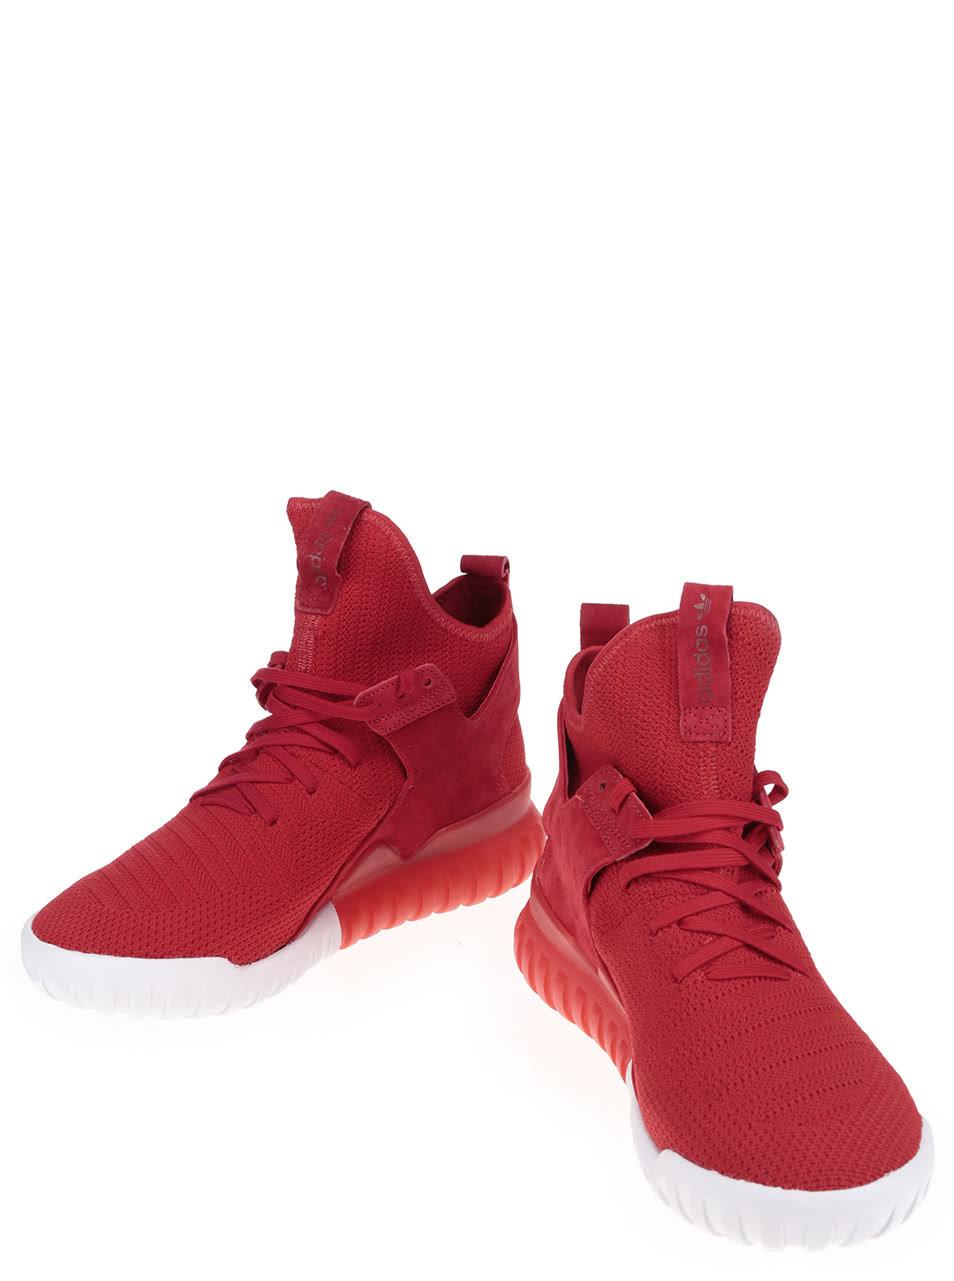 7db7884e53e Červené pánské kotníkové boty se semišovým detailem adidas Originals  Tubular X PK ...